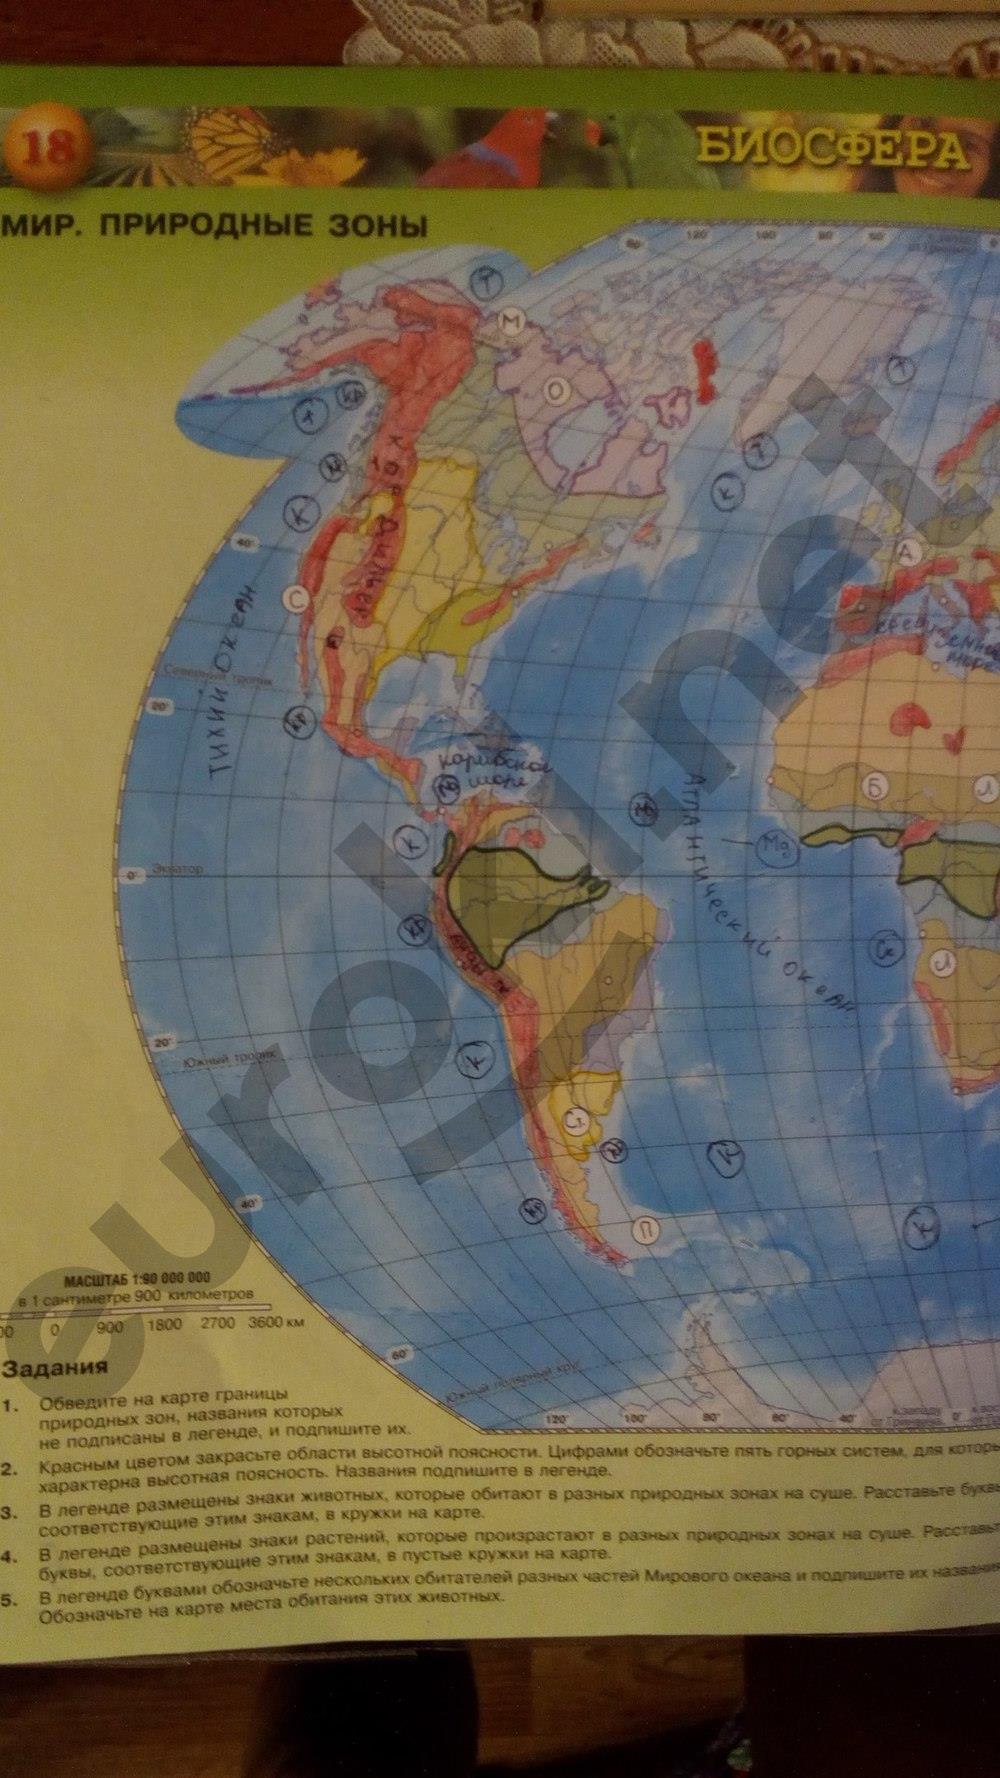 география 7 класс котляр контурные карты гдз